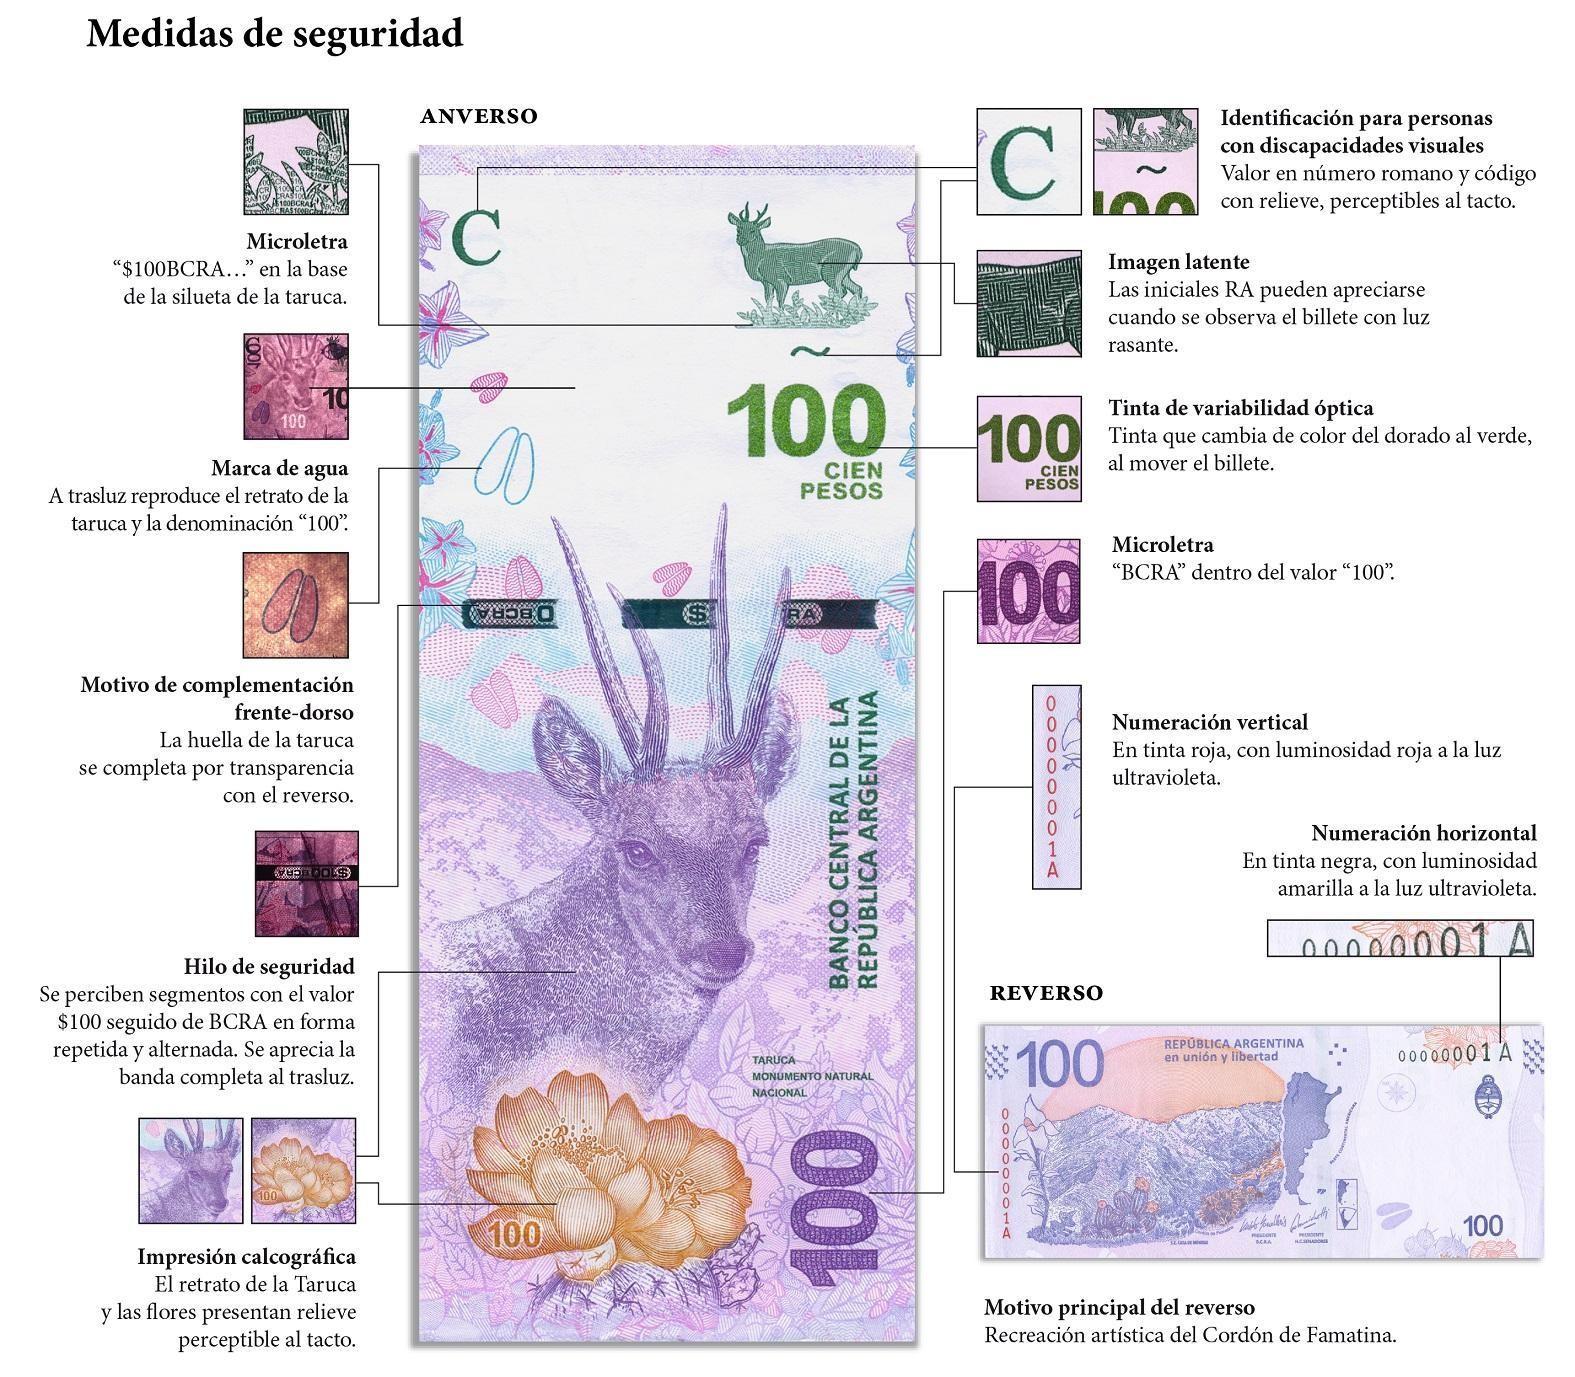 Medidas de seguridad a tener en cuenta para el nuevo billete de 100 pesos